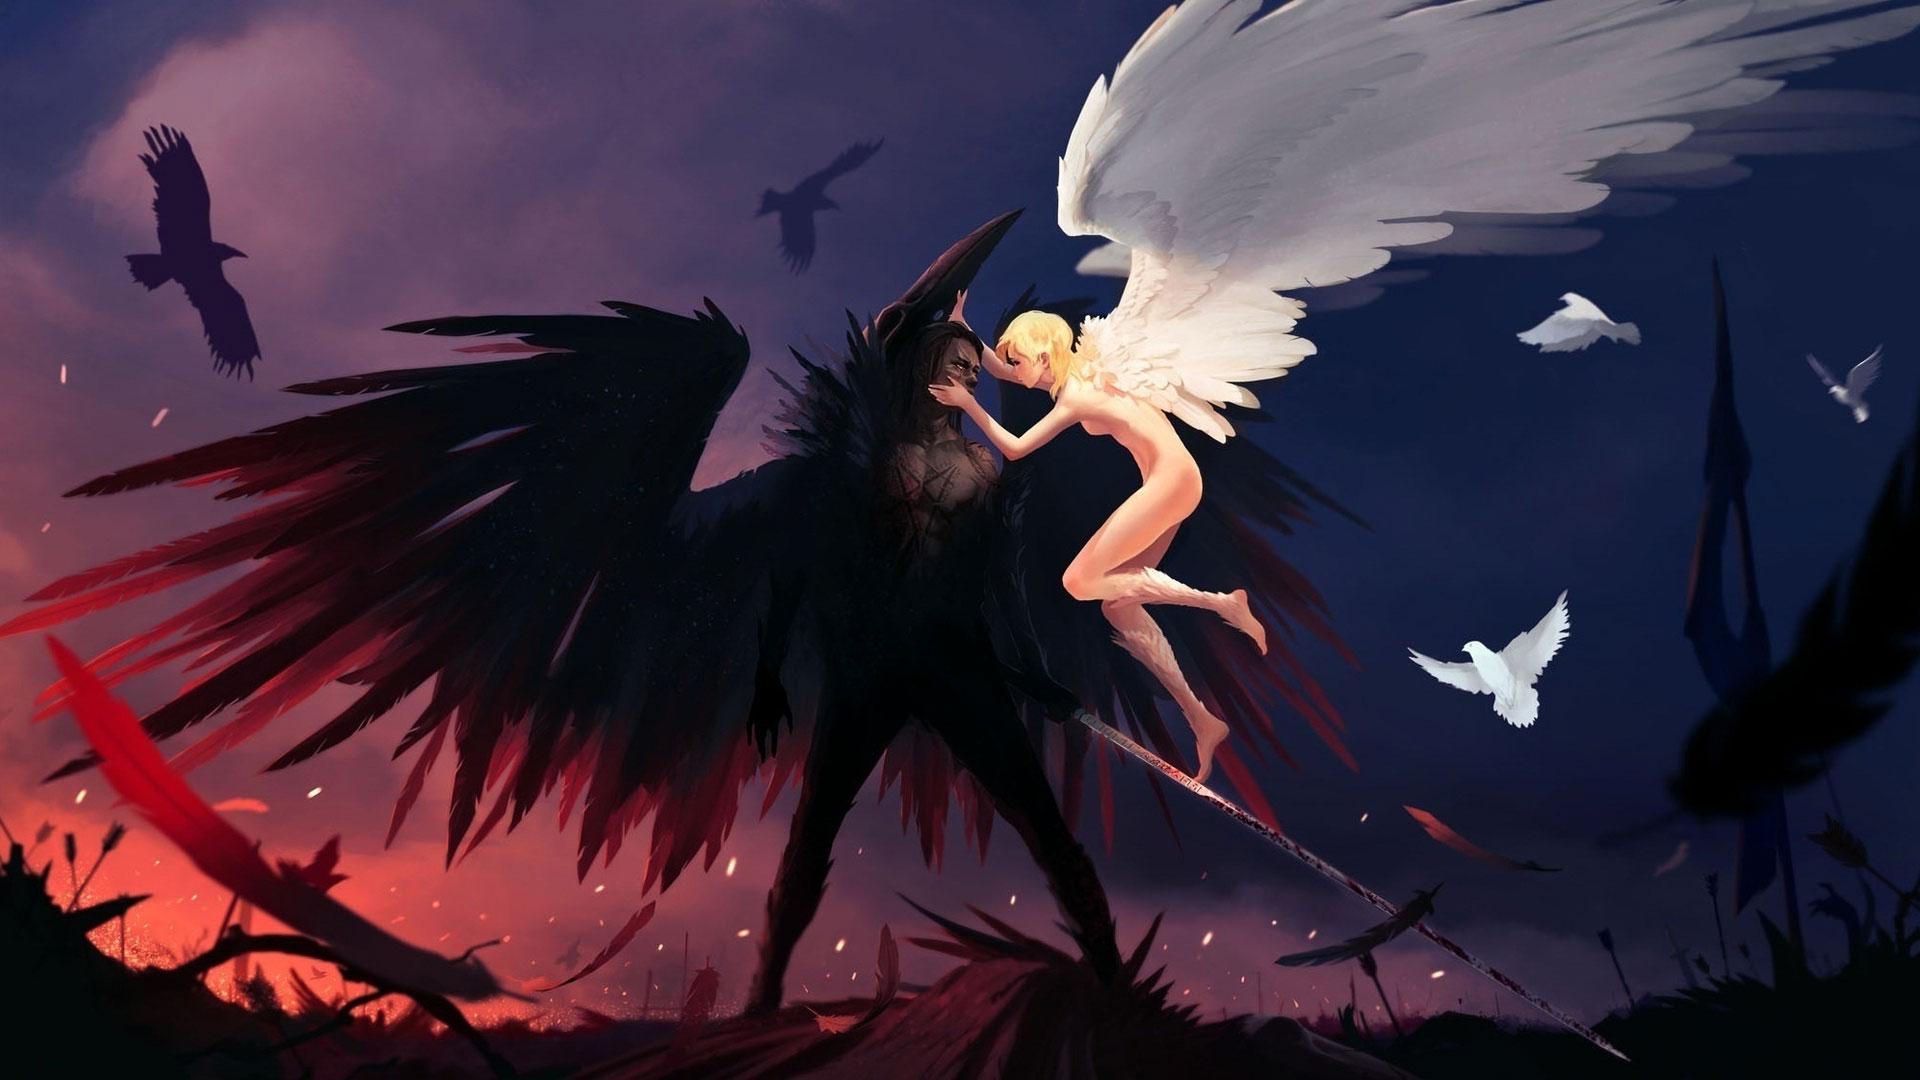 картинки на рабочий стол демоны и ангелы